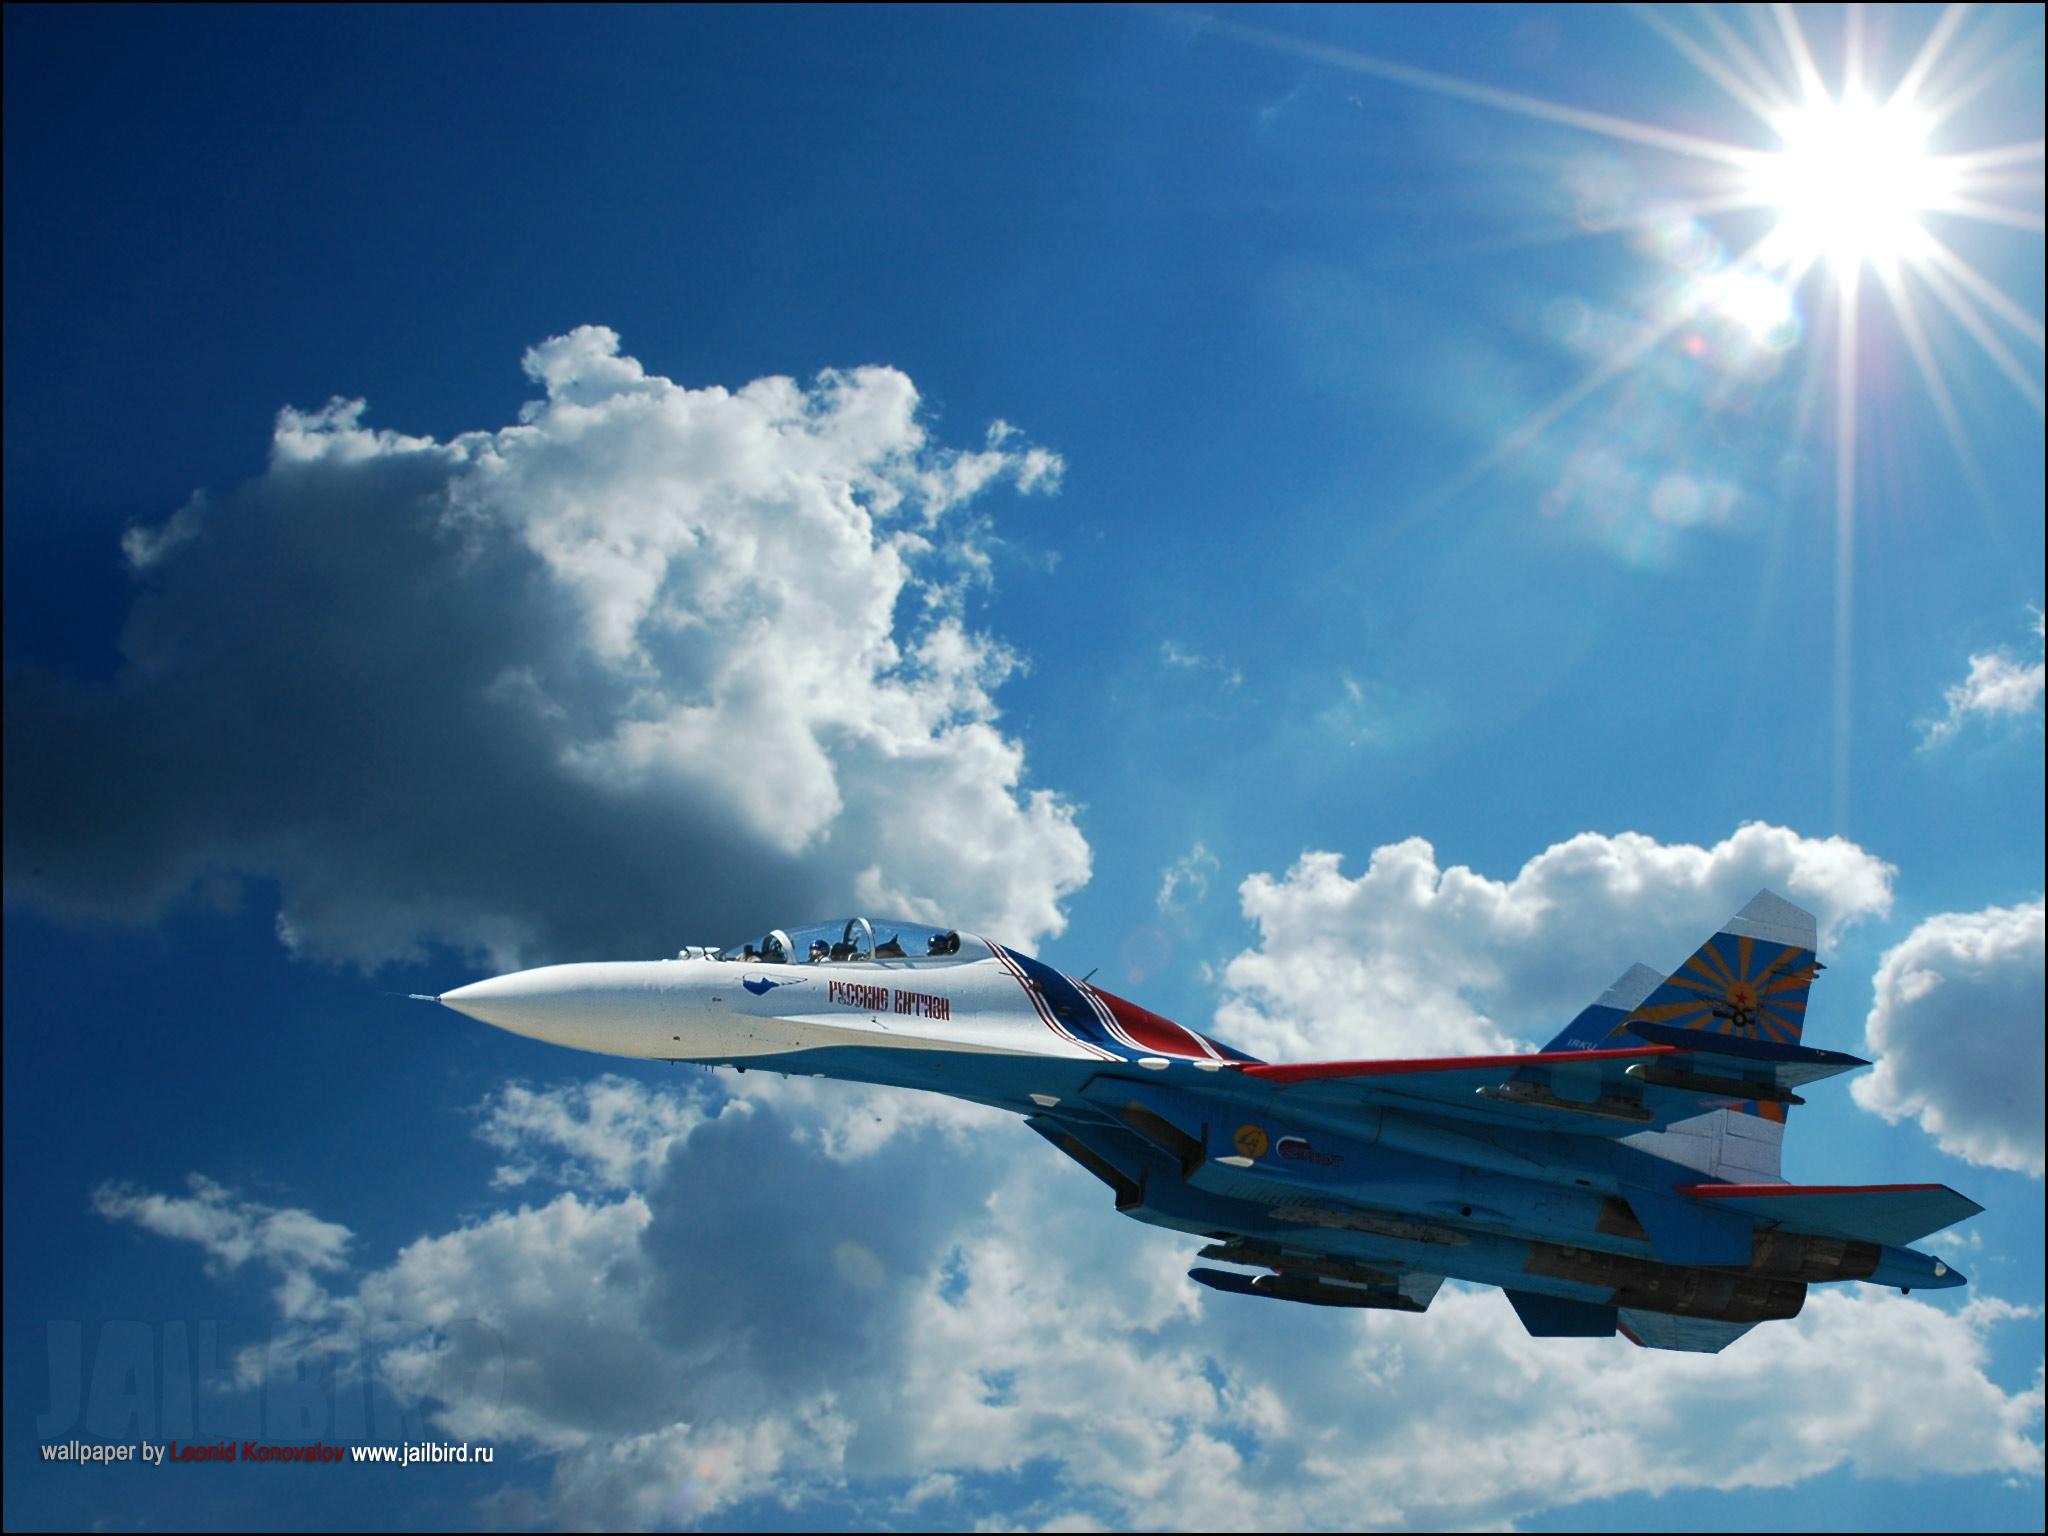 Обои крылатая машина, освещение, ввс, боевой самолет. Авиация foto 15